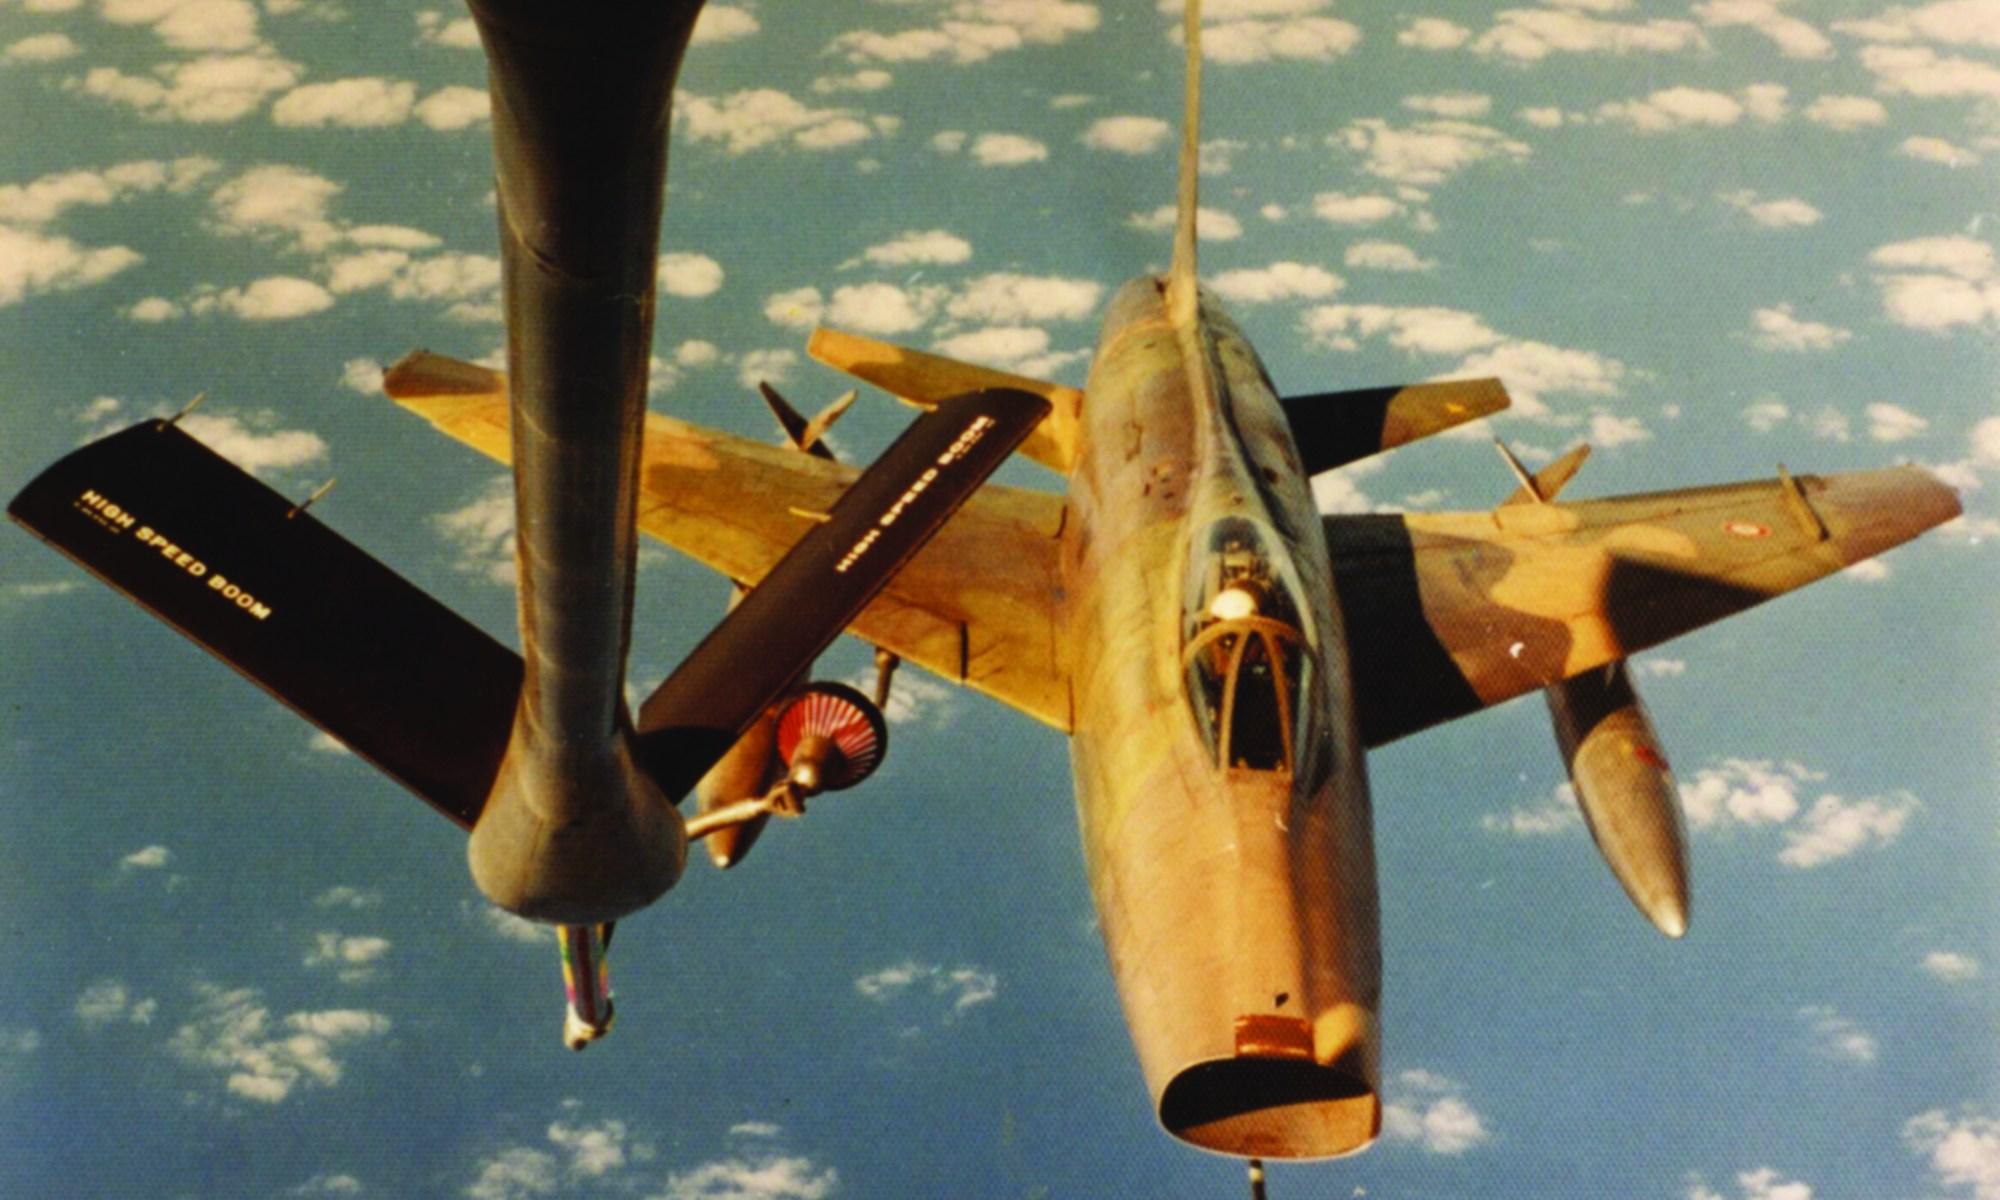 Le F100 : la bête ou l'avion d'homme